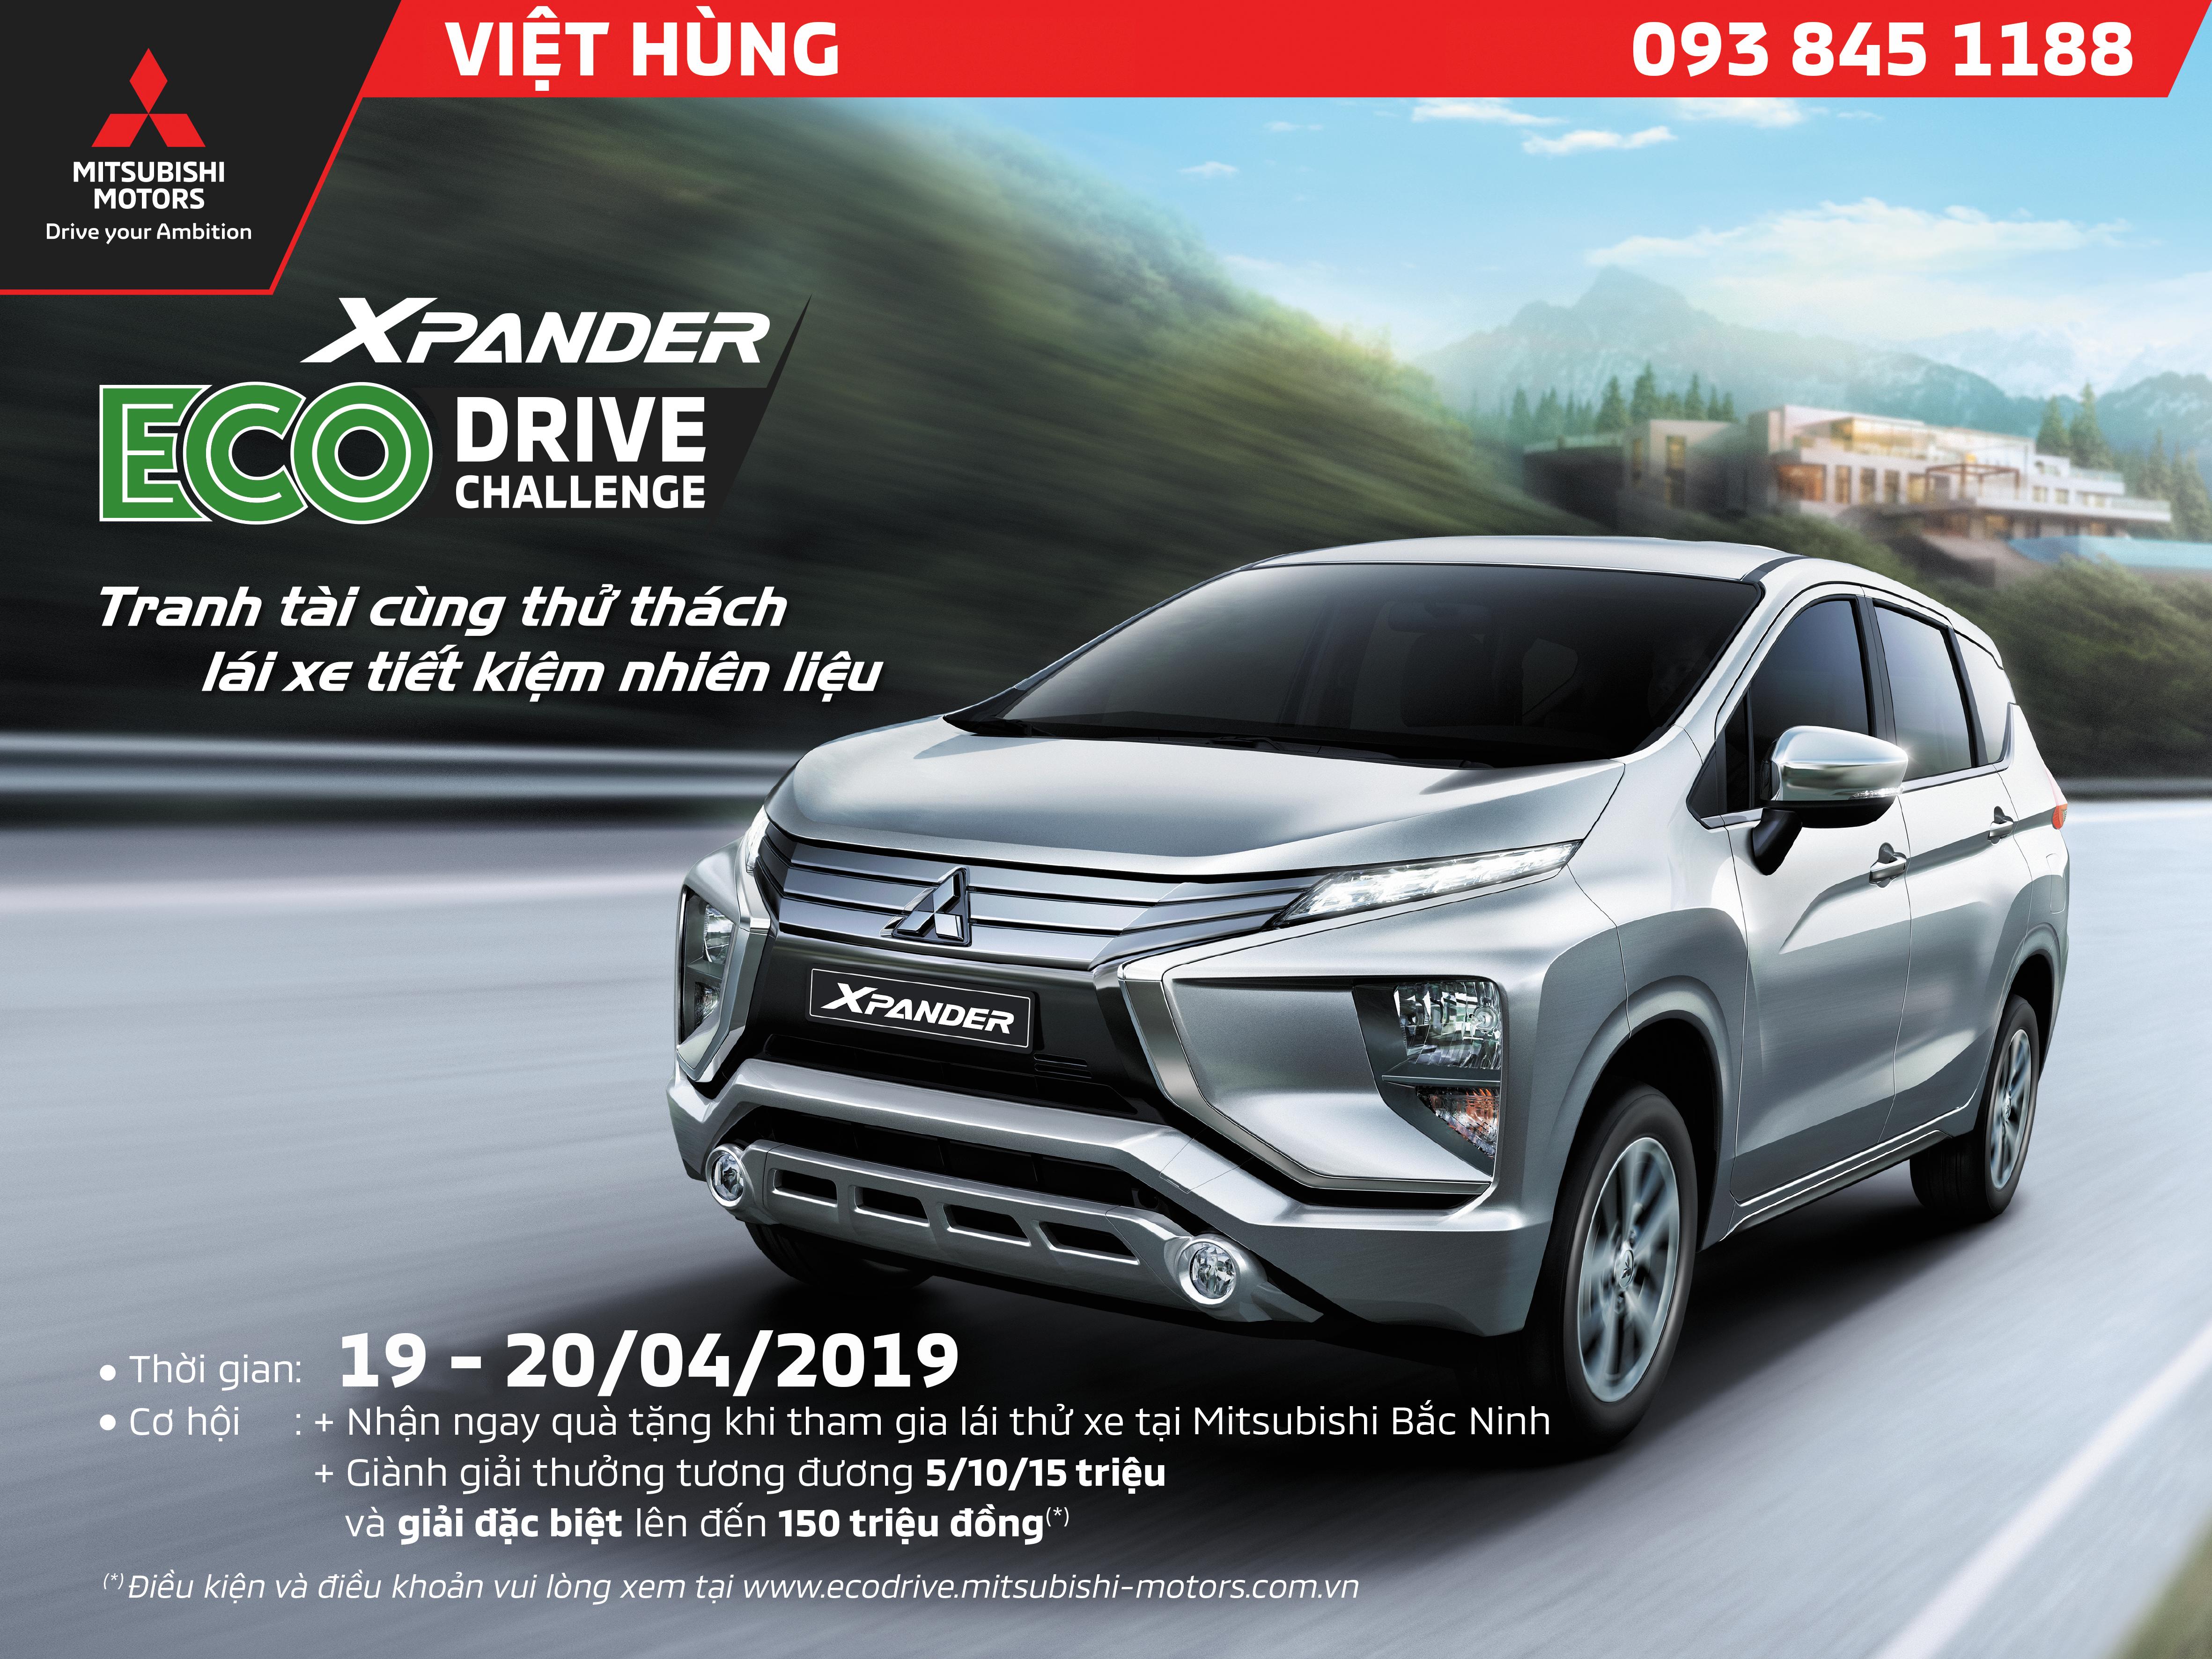 """Sự kiện """"Tranh tài cùng thử thách tiết kiệm nhiên liệu"""" cùng Mitsubishi Việt Hùng"""